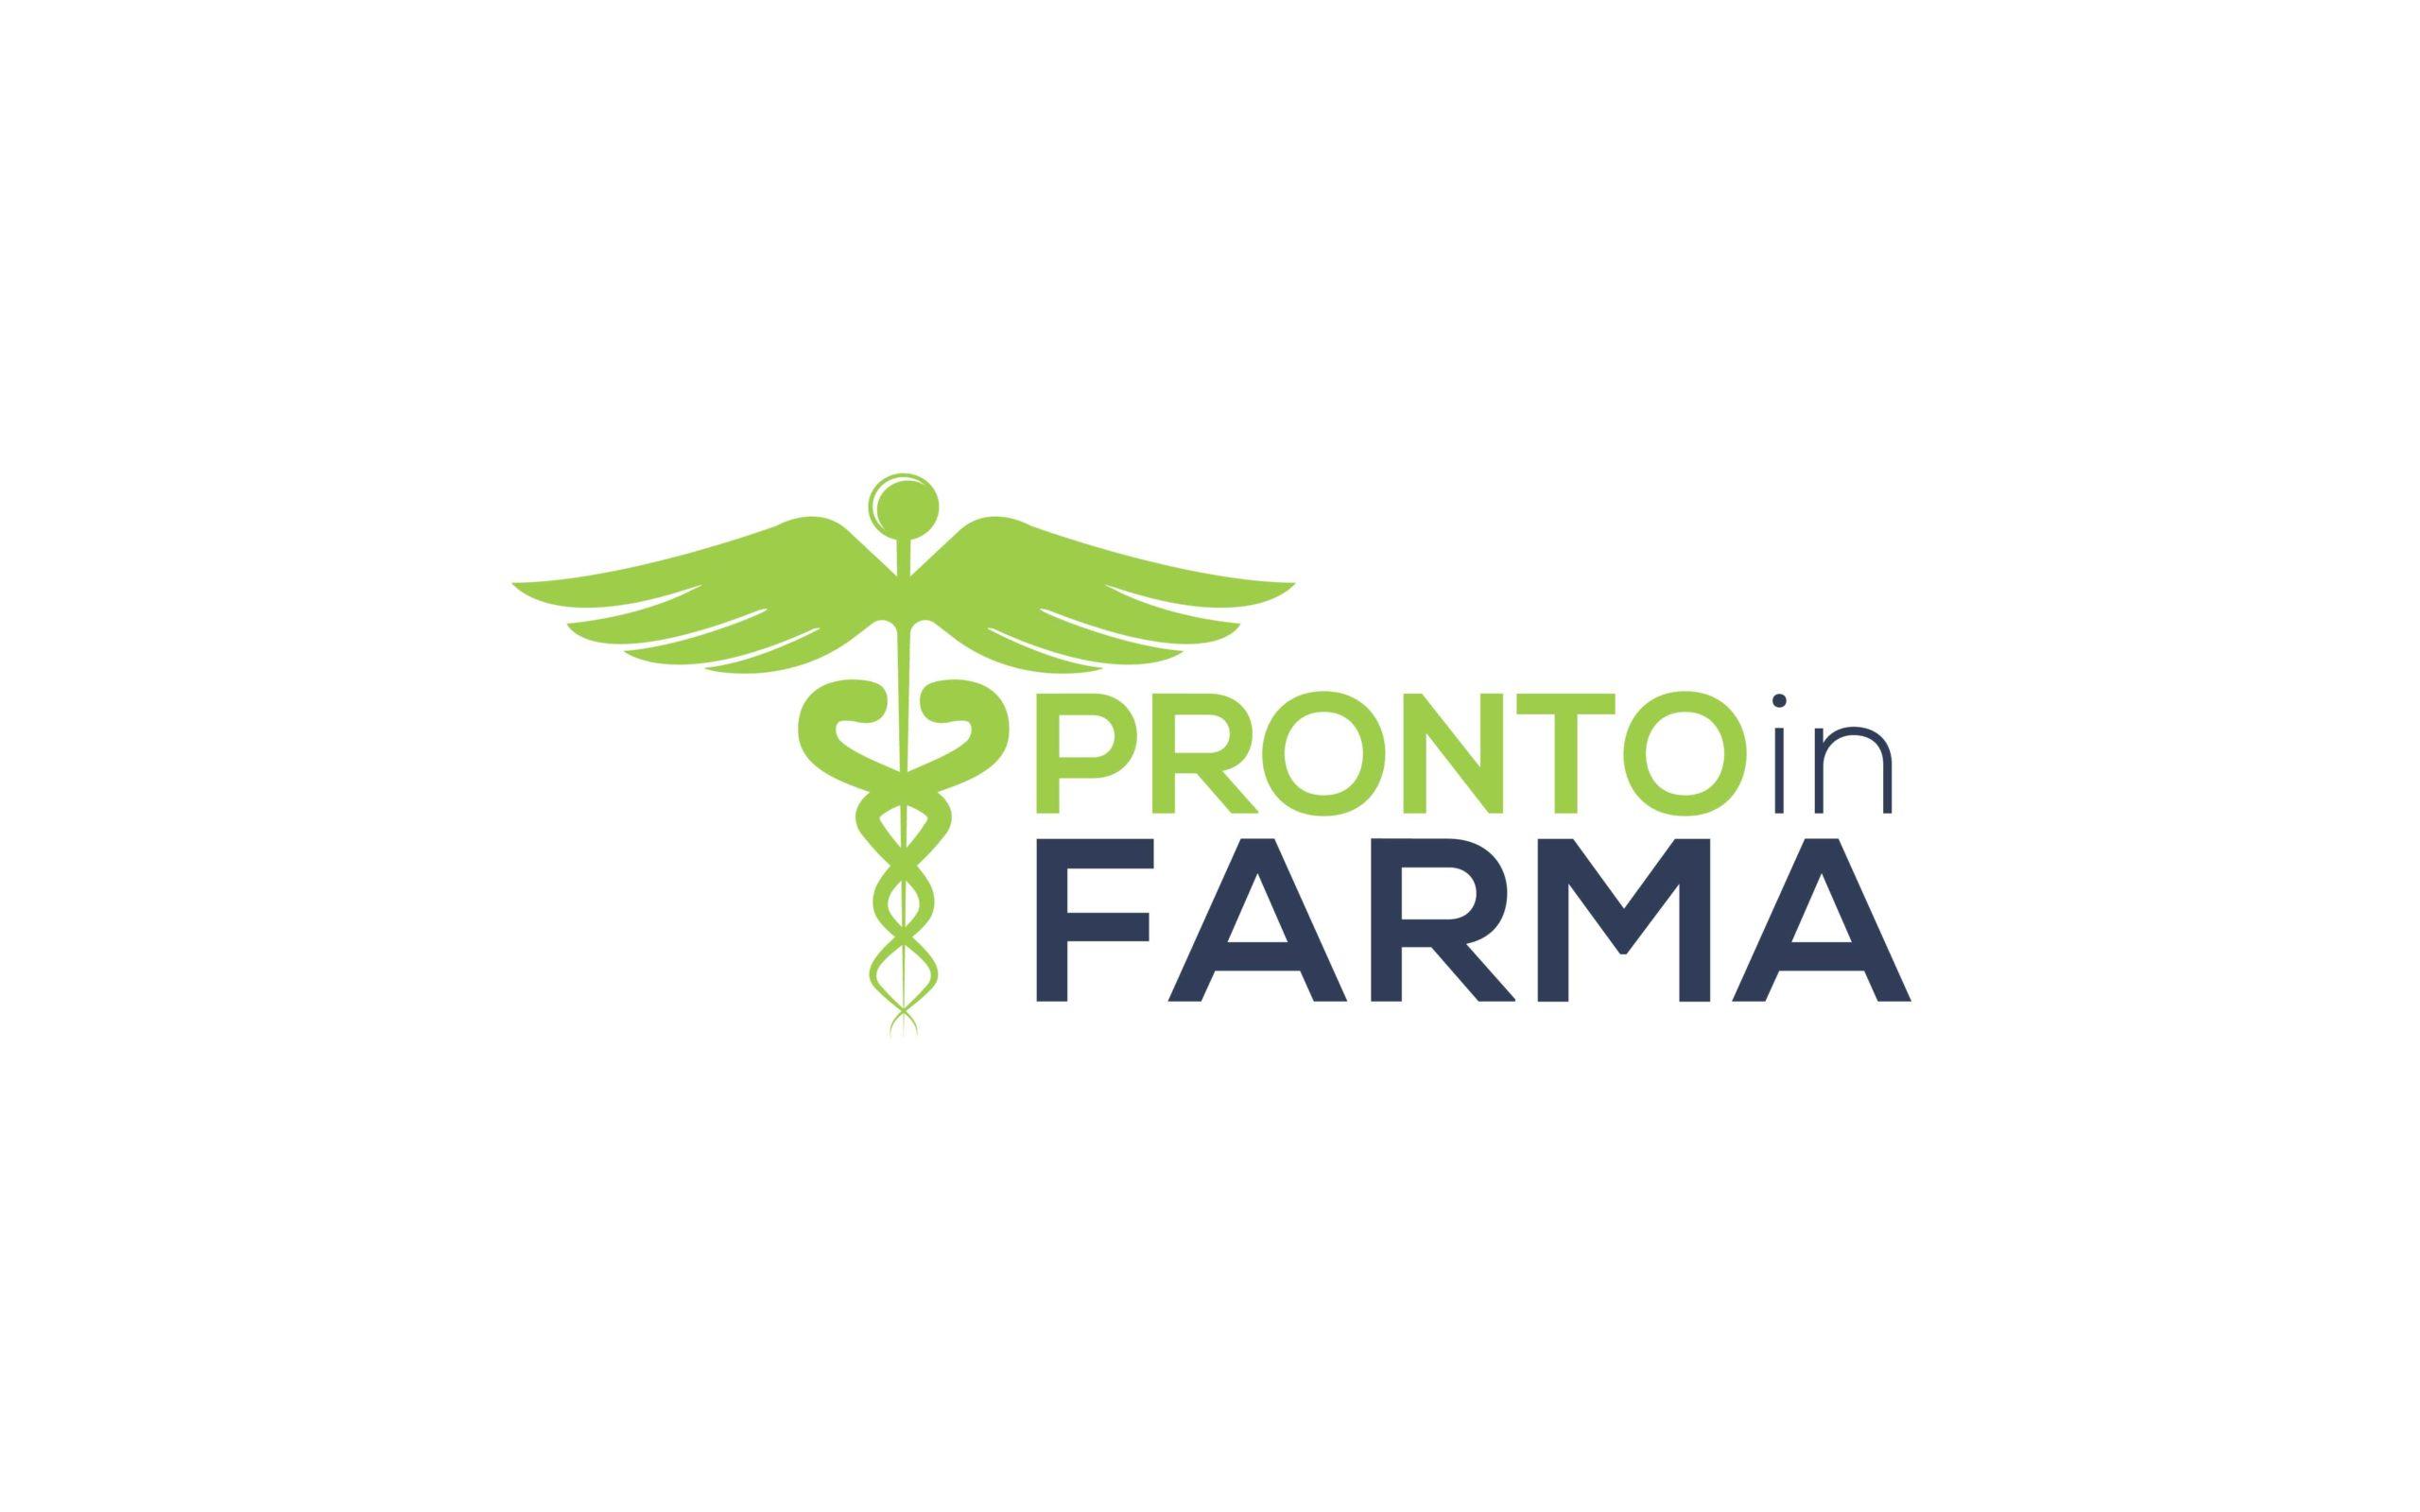 ProntoinFarma 7